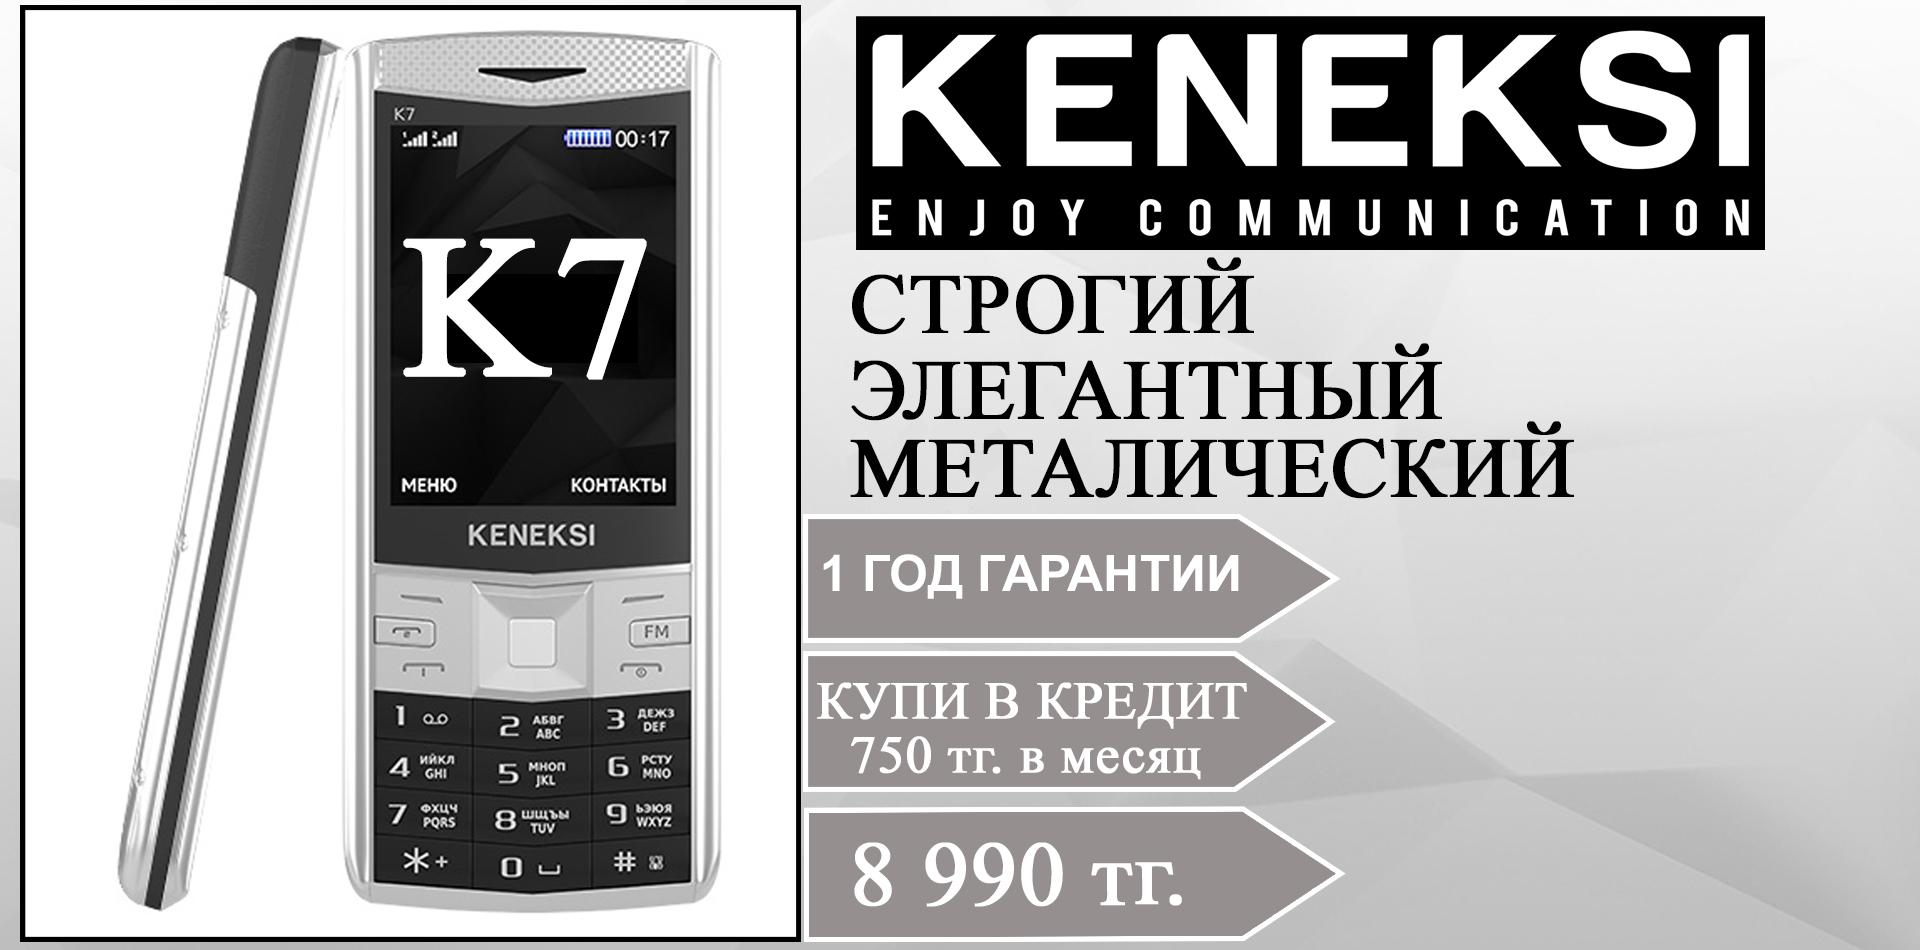 МОБИЛЬНЫЙ ТЕЛЕФОН KENEKSI K7